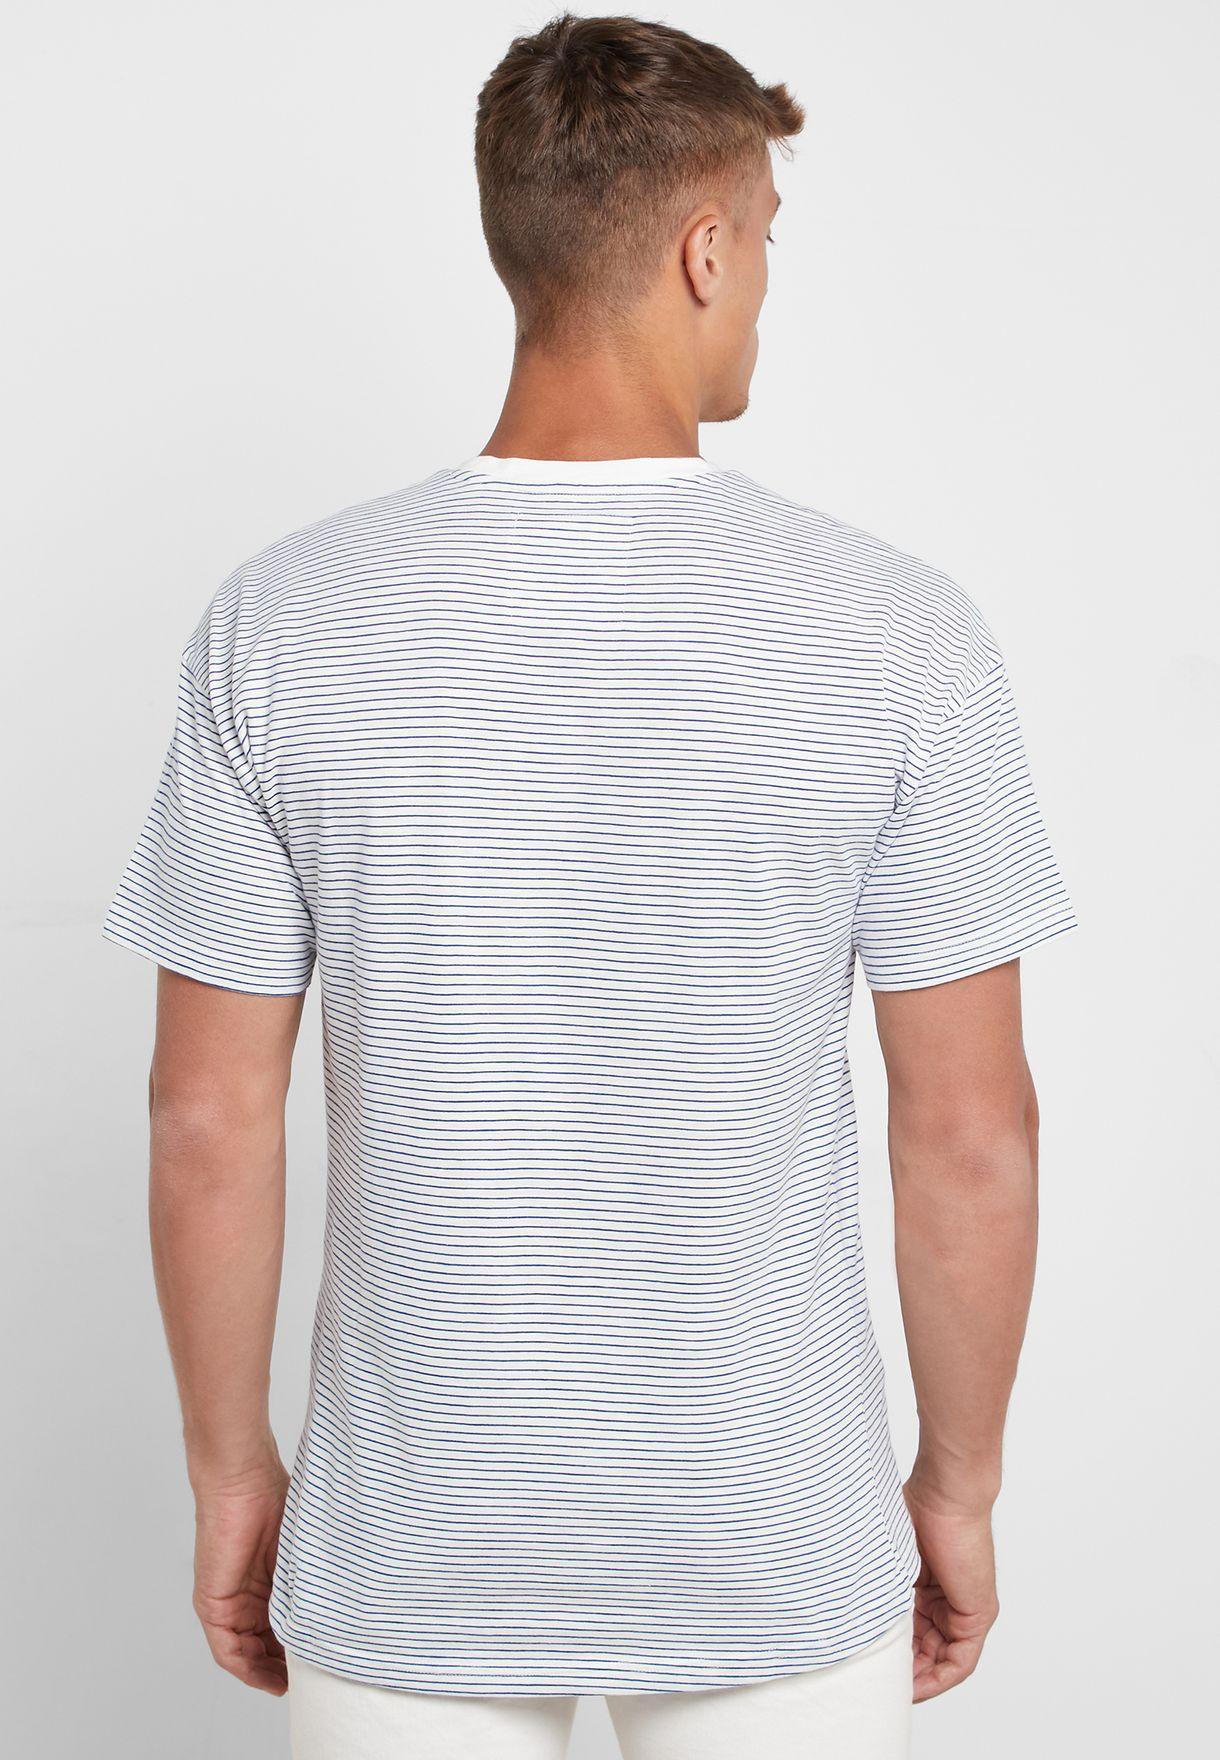 Phil Drop Shoulder Crew Neck T-Shirt